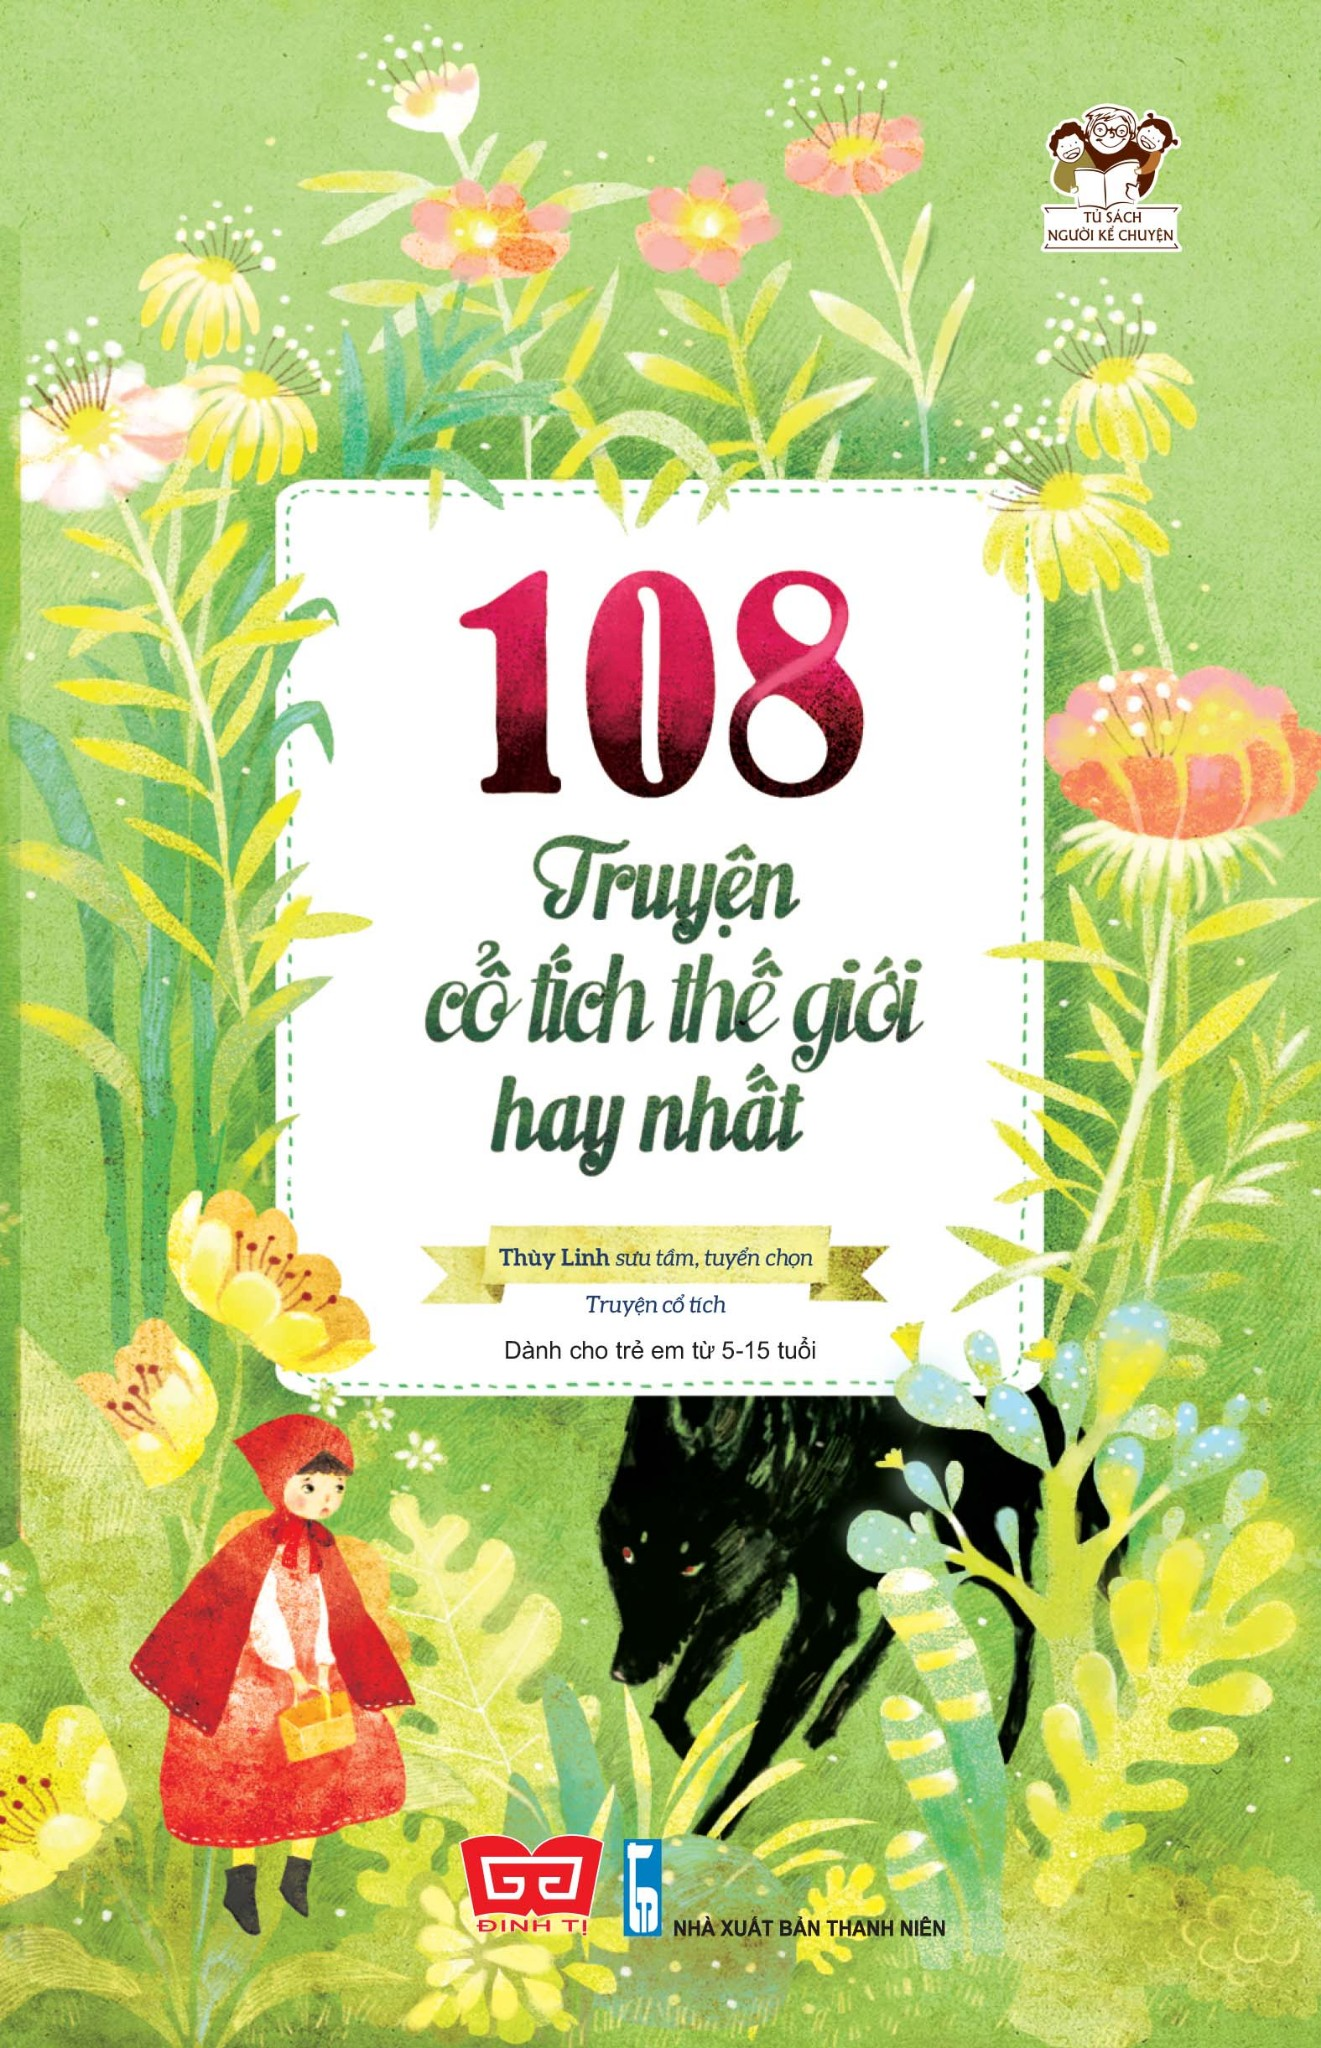 108 truyện cổ tích thế giới hay nhất (Tái bản 2018)